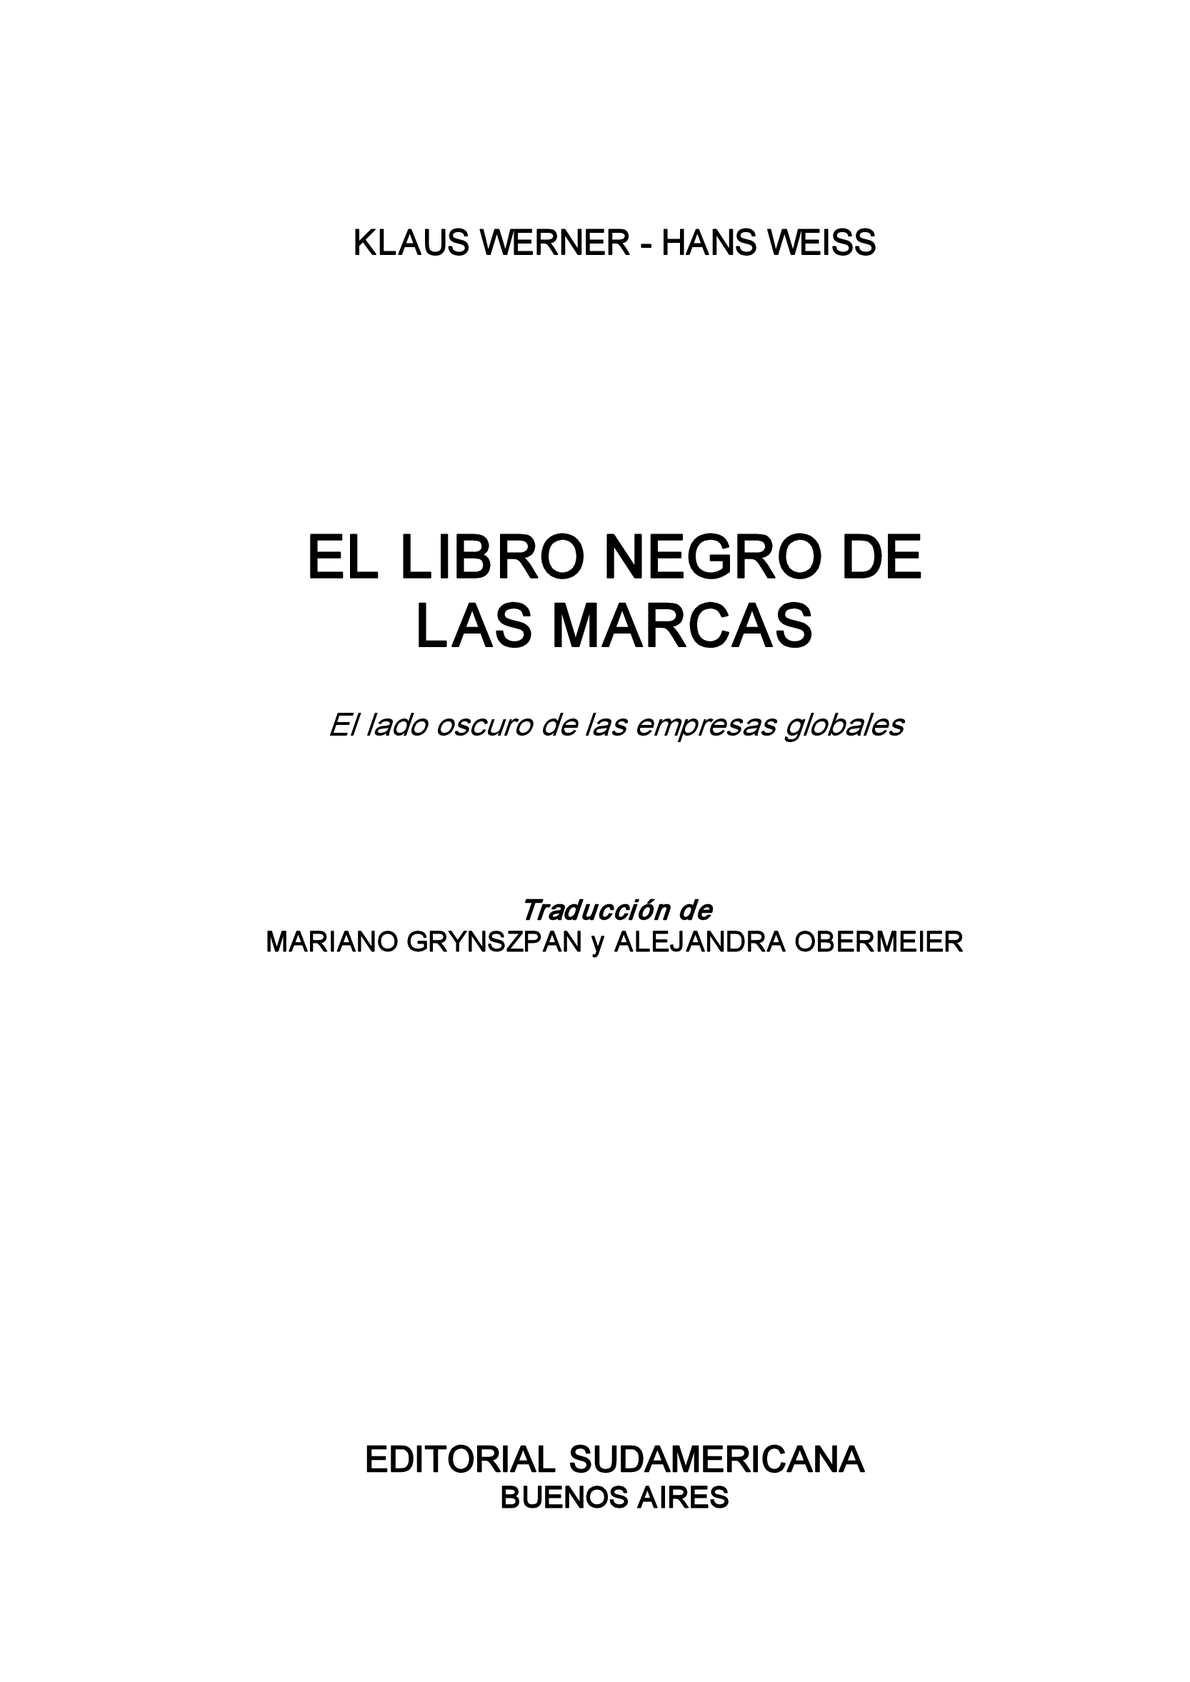 finest selection a5fa6 113de Calaméo - El Libro Negro de las Marcas